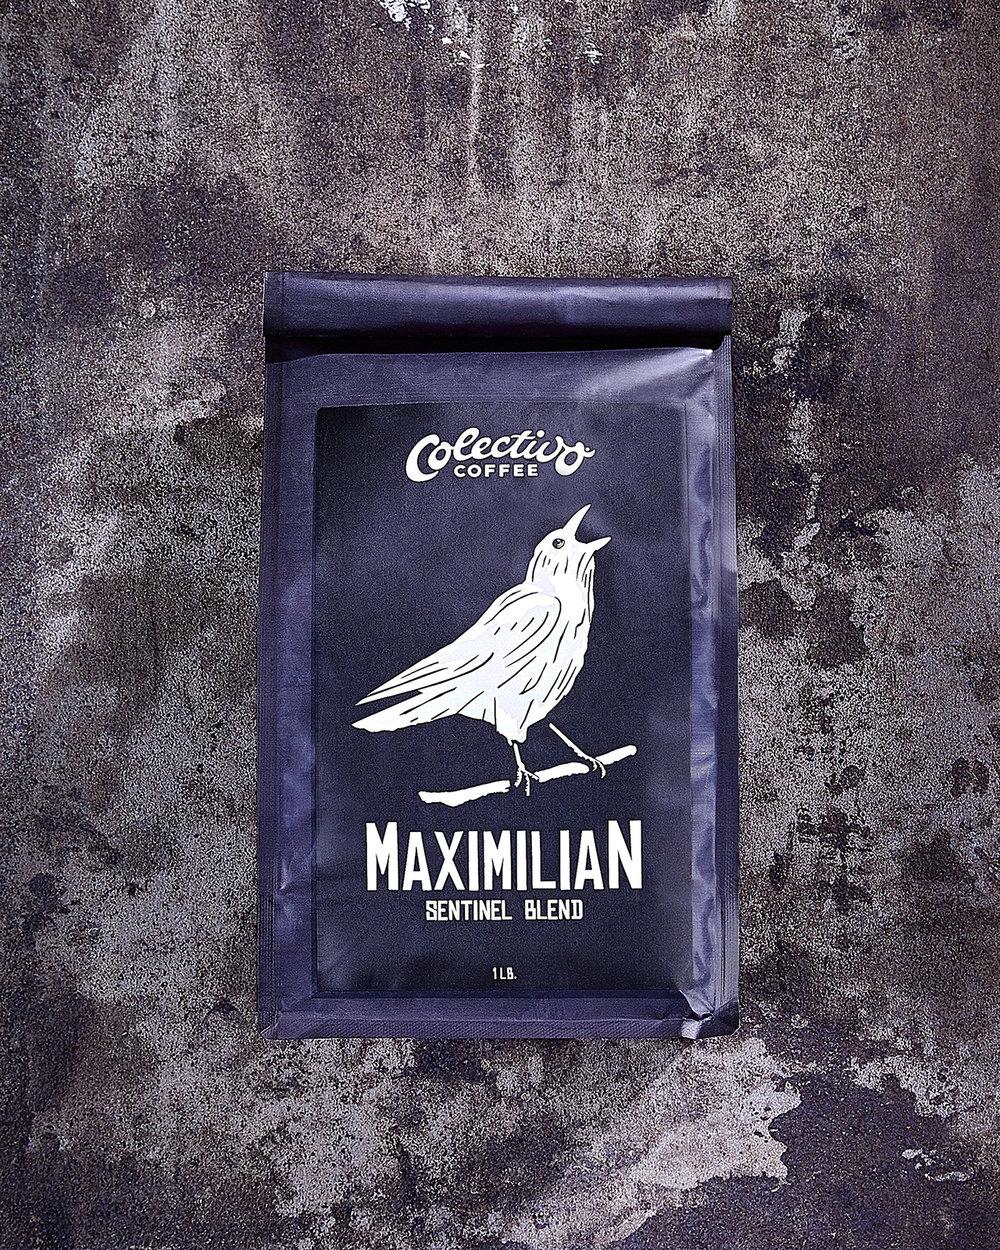 Maximilian_1600p.jpg